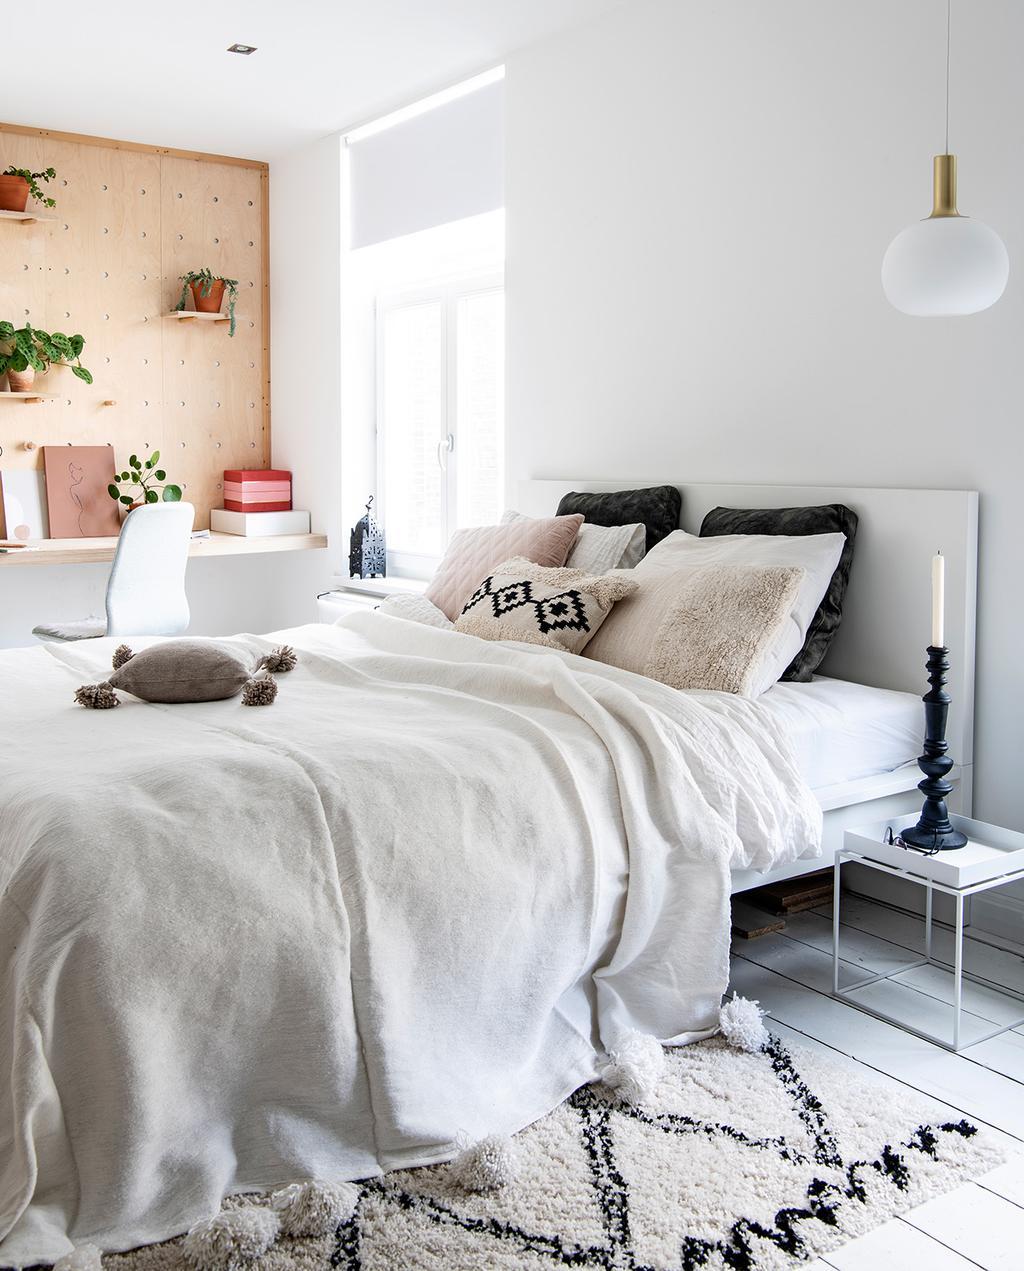 vtwonen 02-2021   opgemaakt bed in slaapkamer met kussens